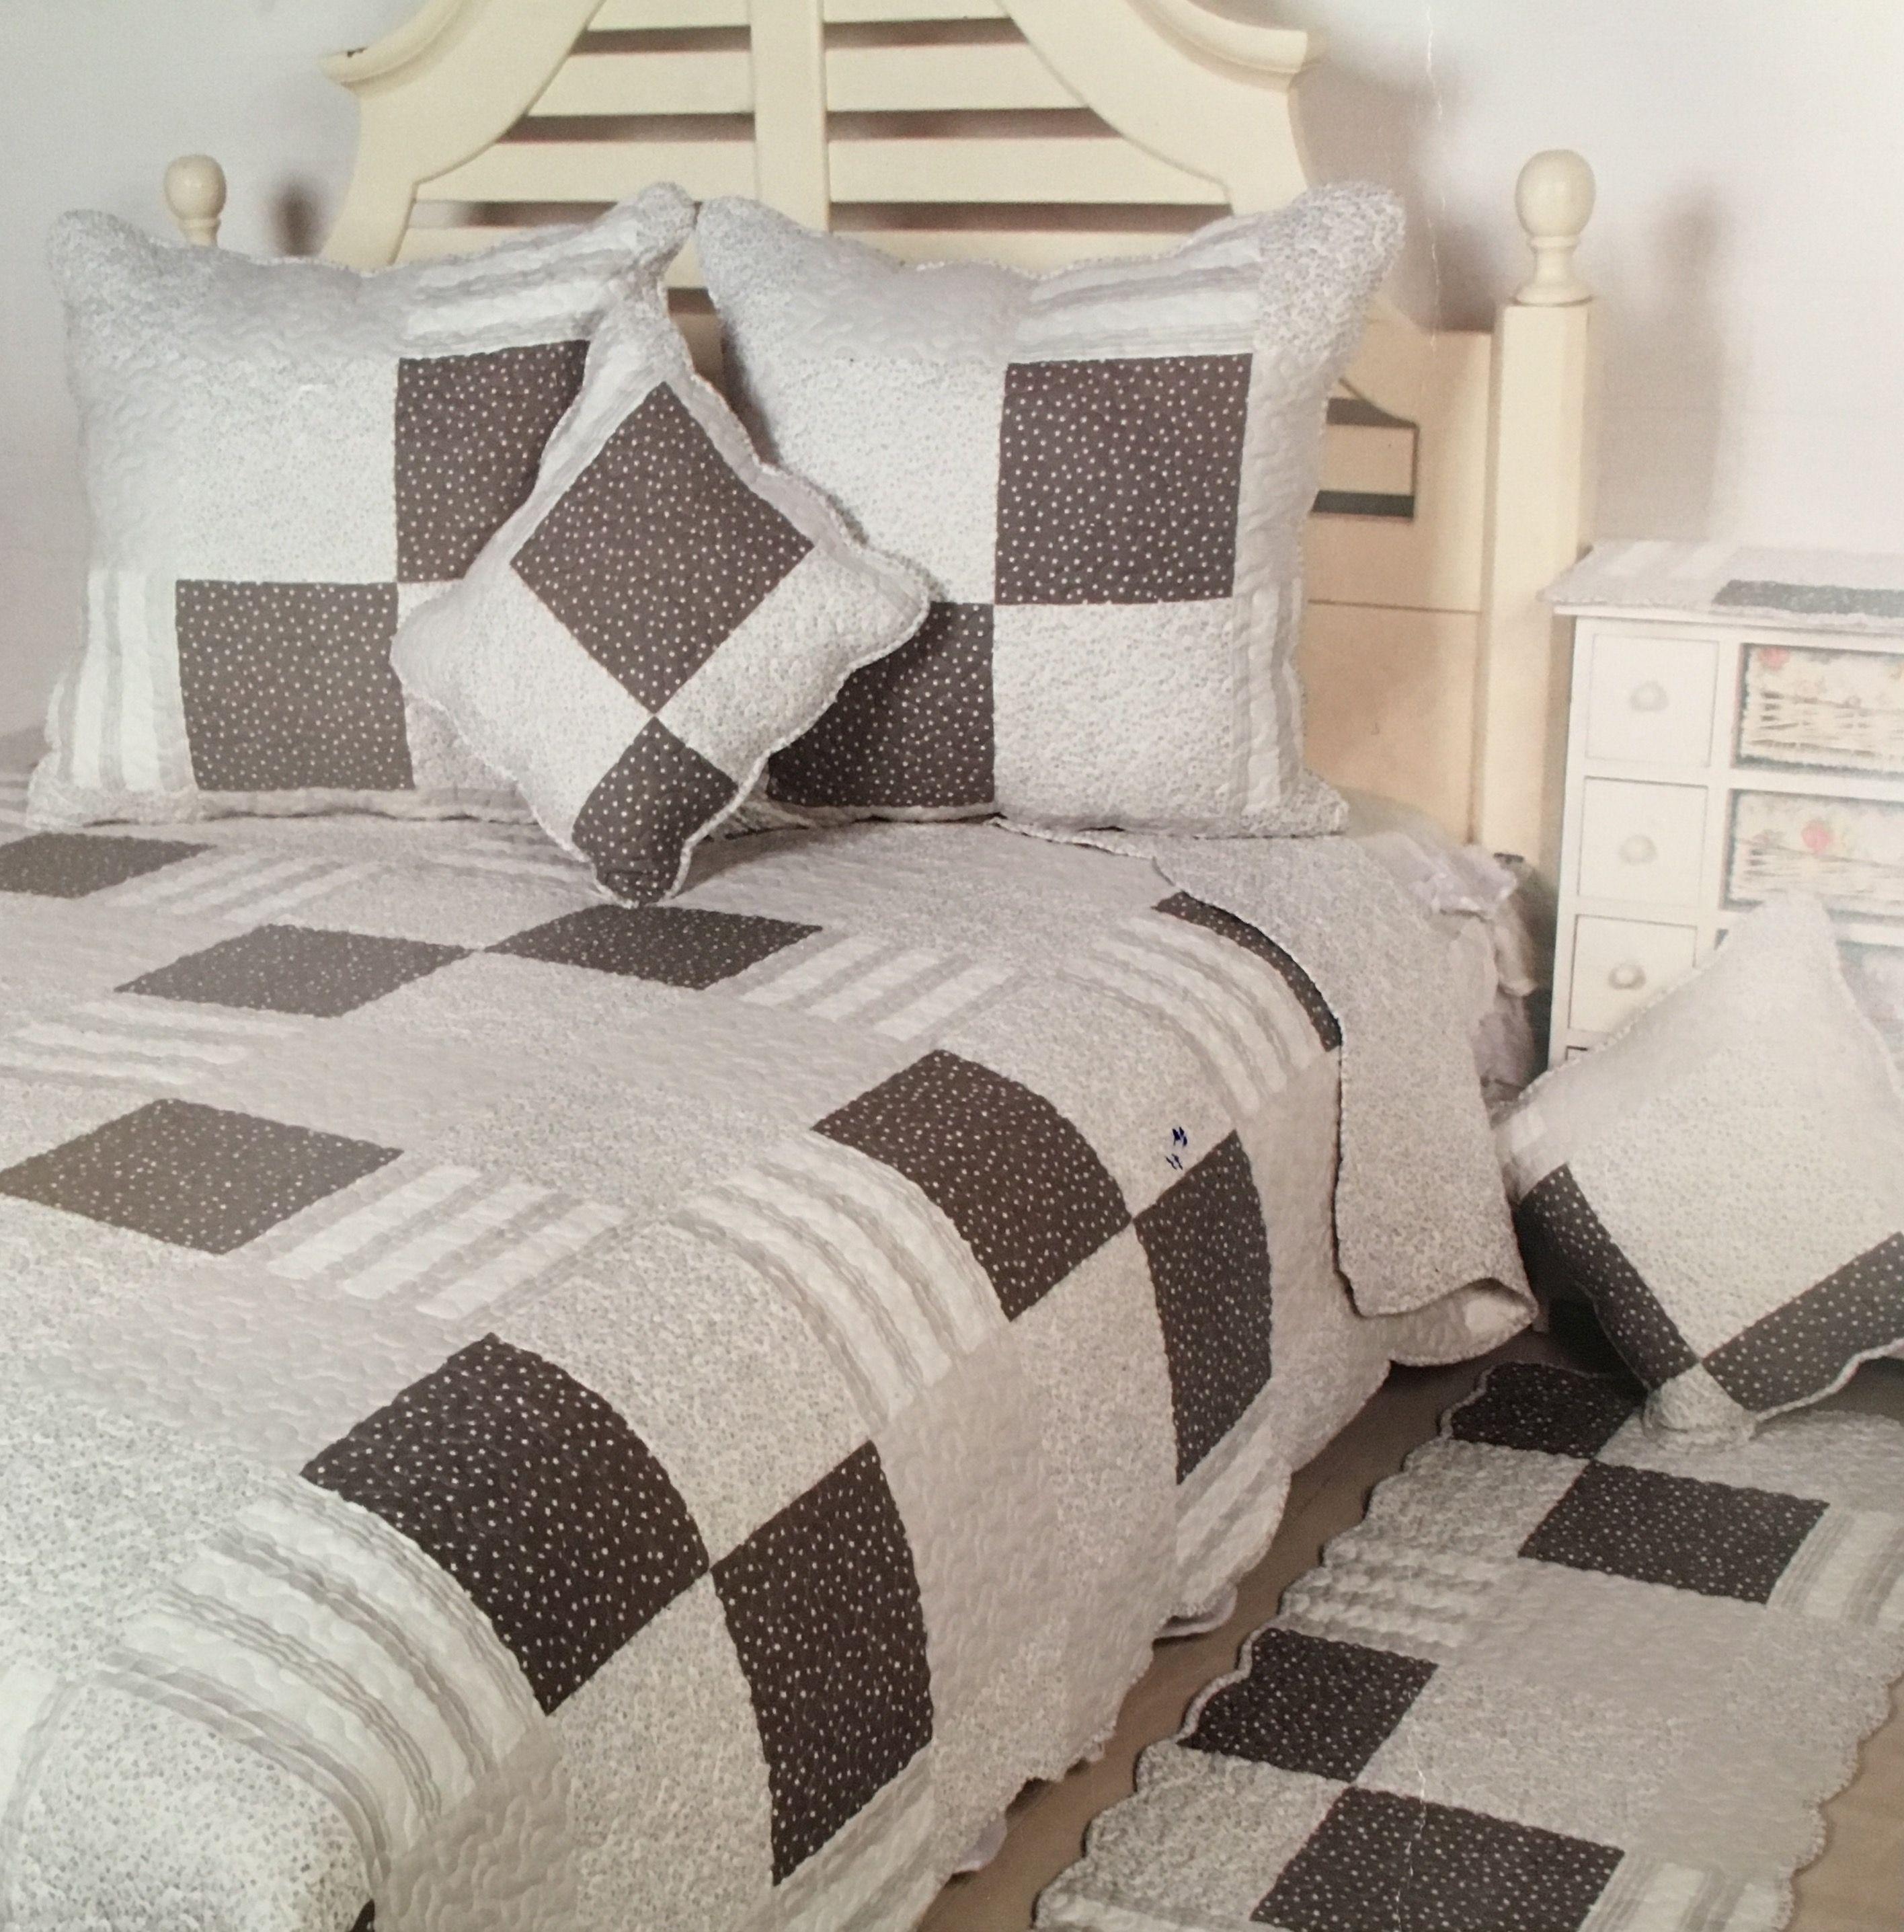 se guide d 39 achat. Black Bedroom Furniture Sets. Home Design Ideas